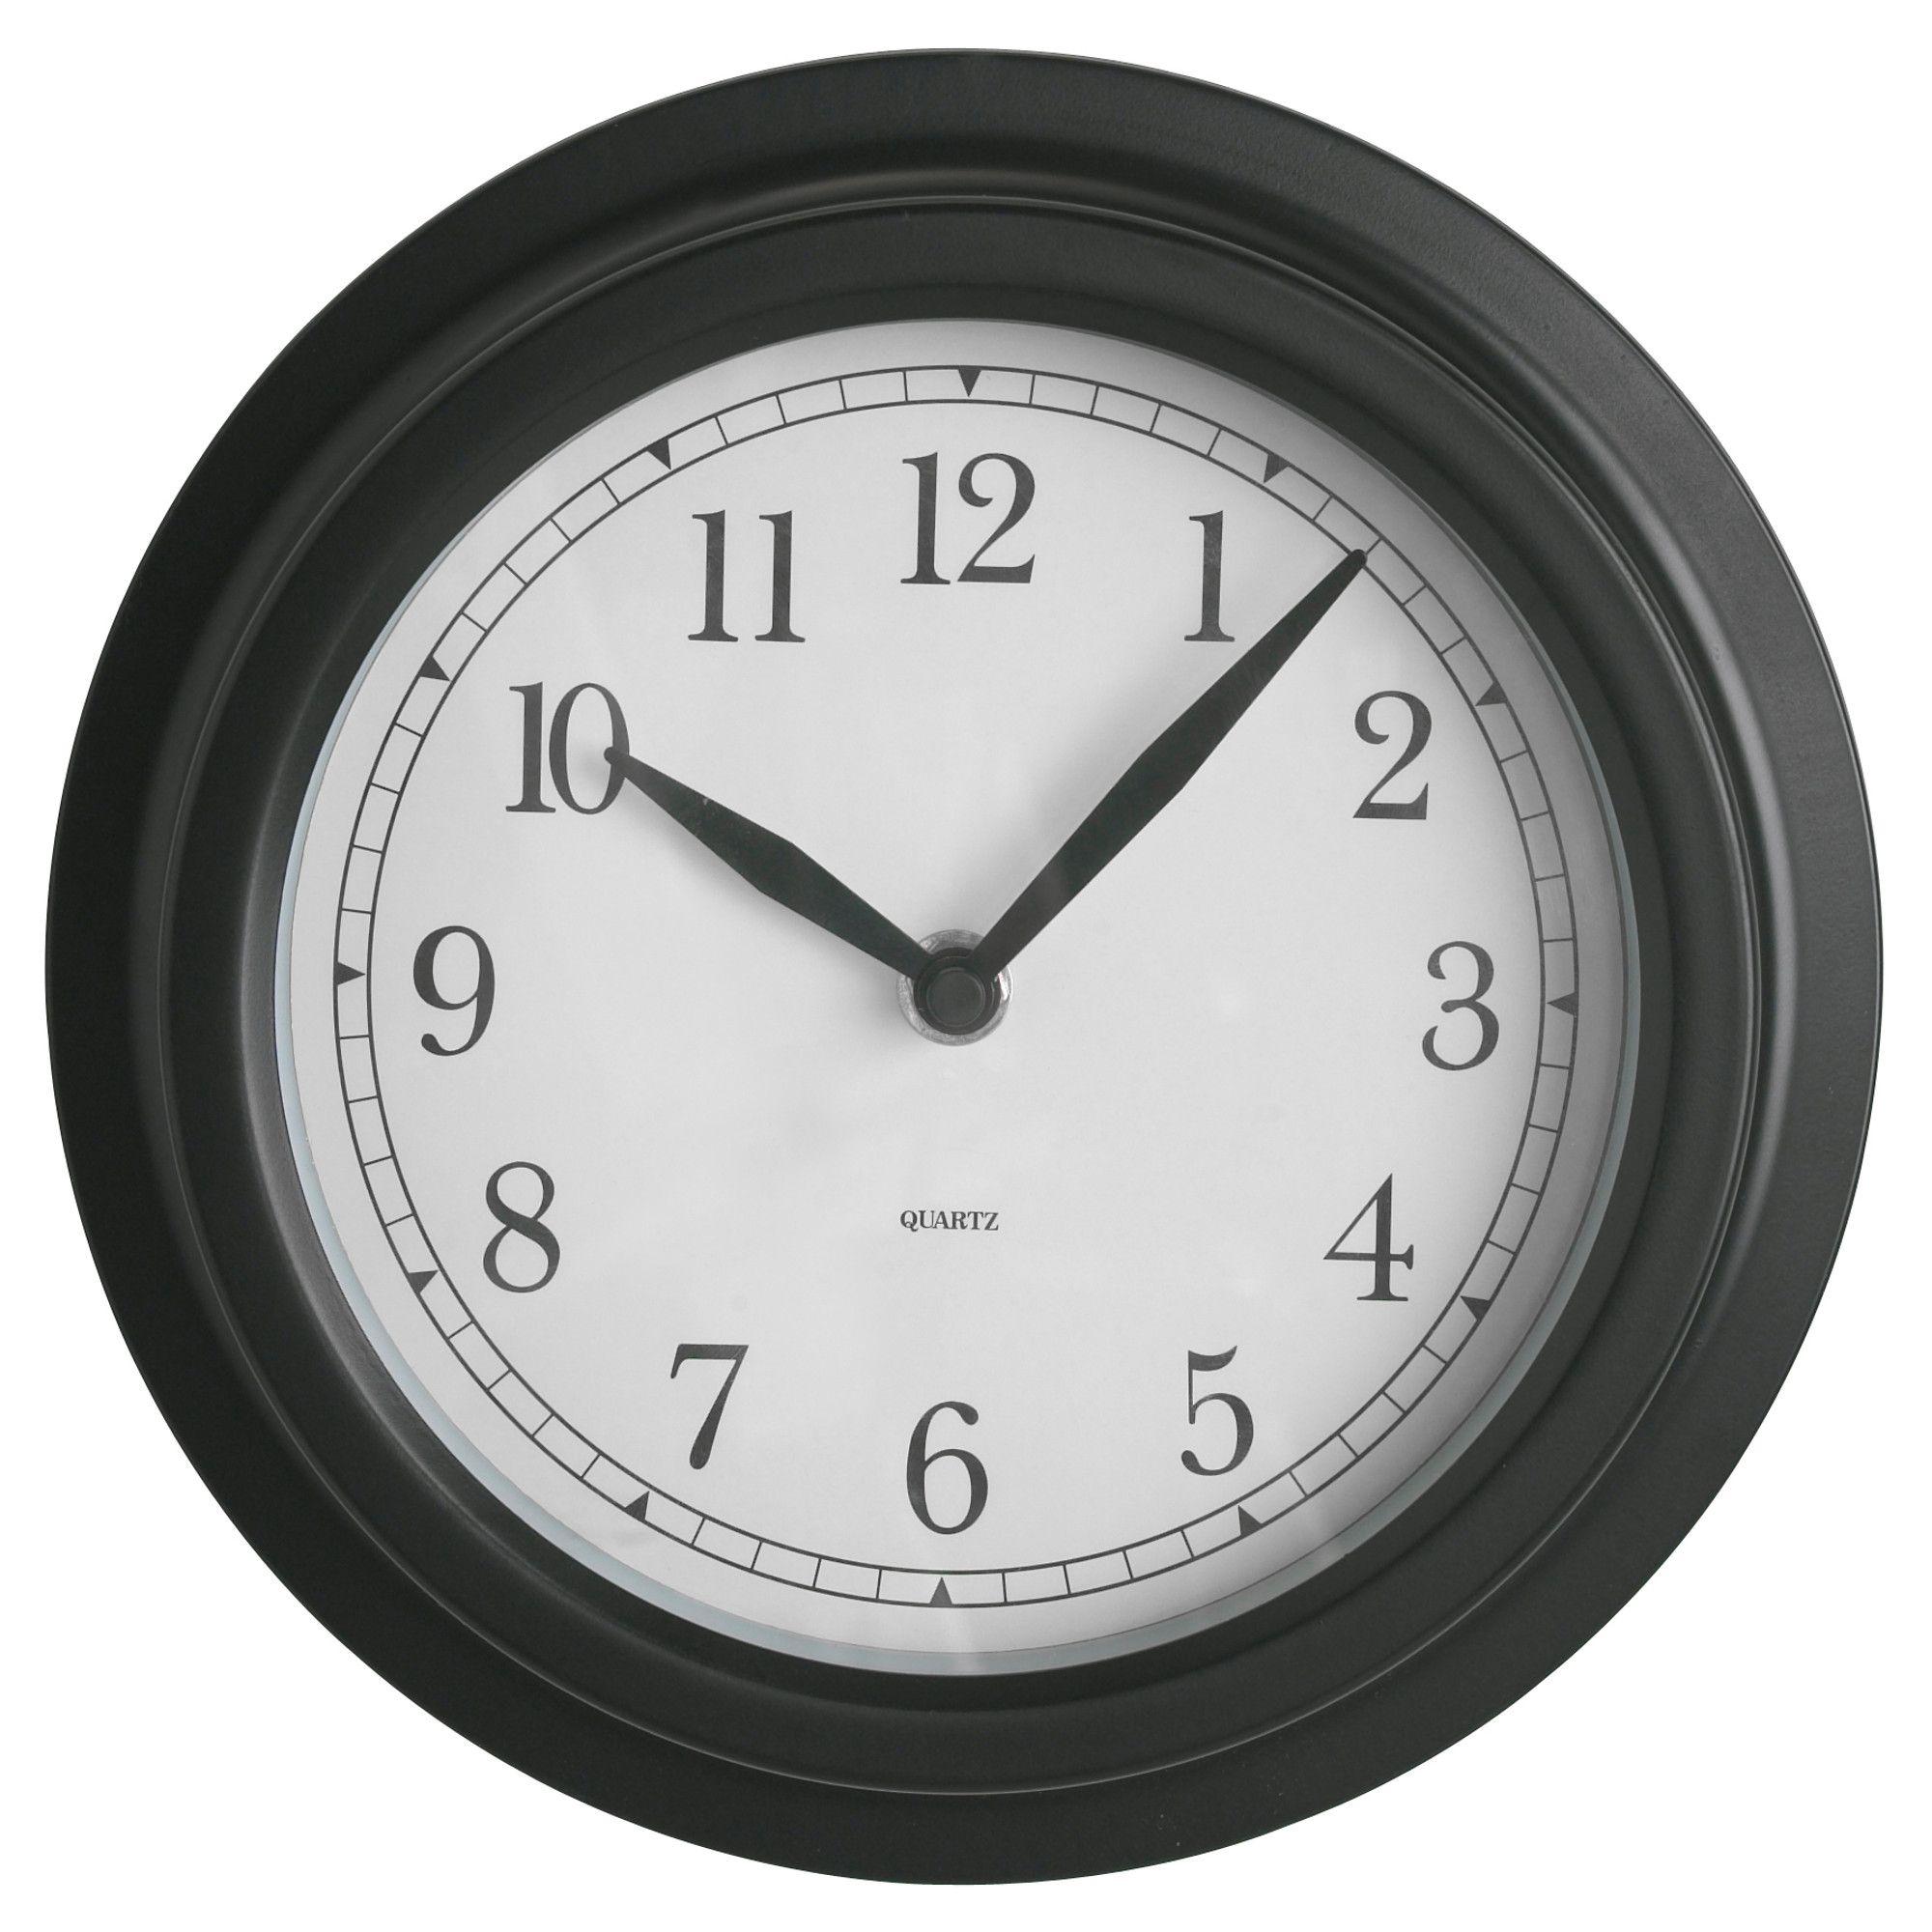 Dekad Reloj De Pared Ikea Ikea Pinterest Love It